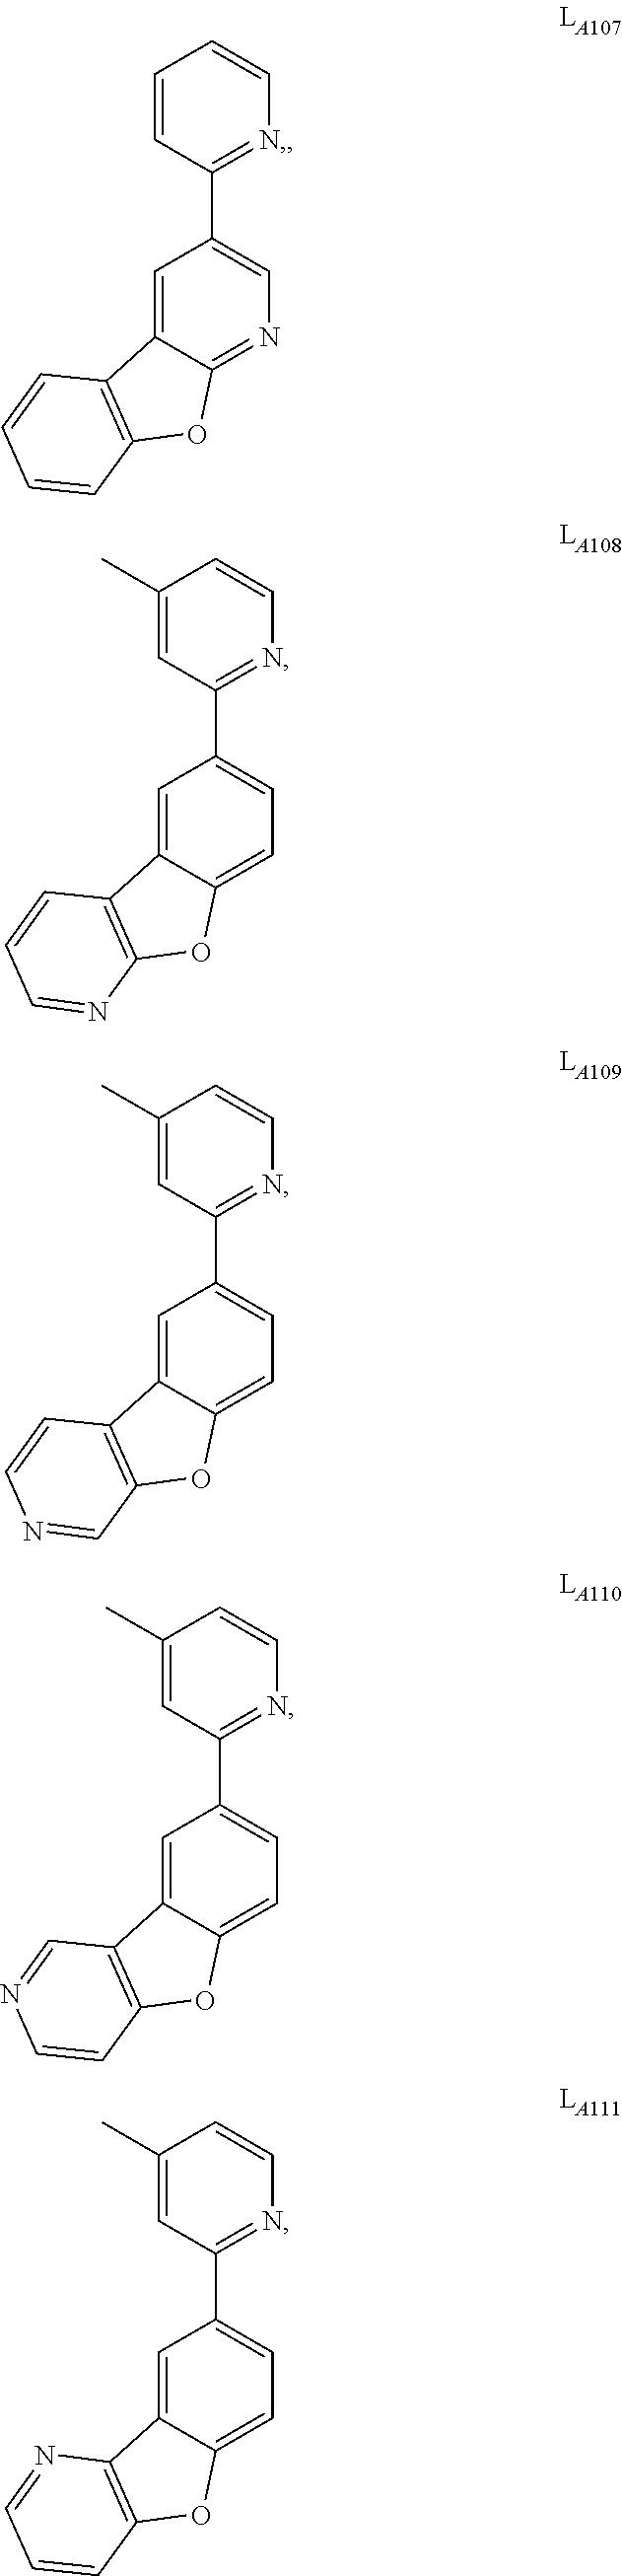 Figure US09634264-20170425-C00025